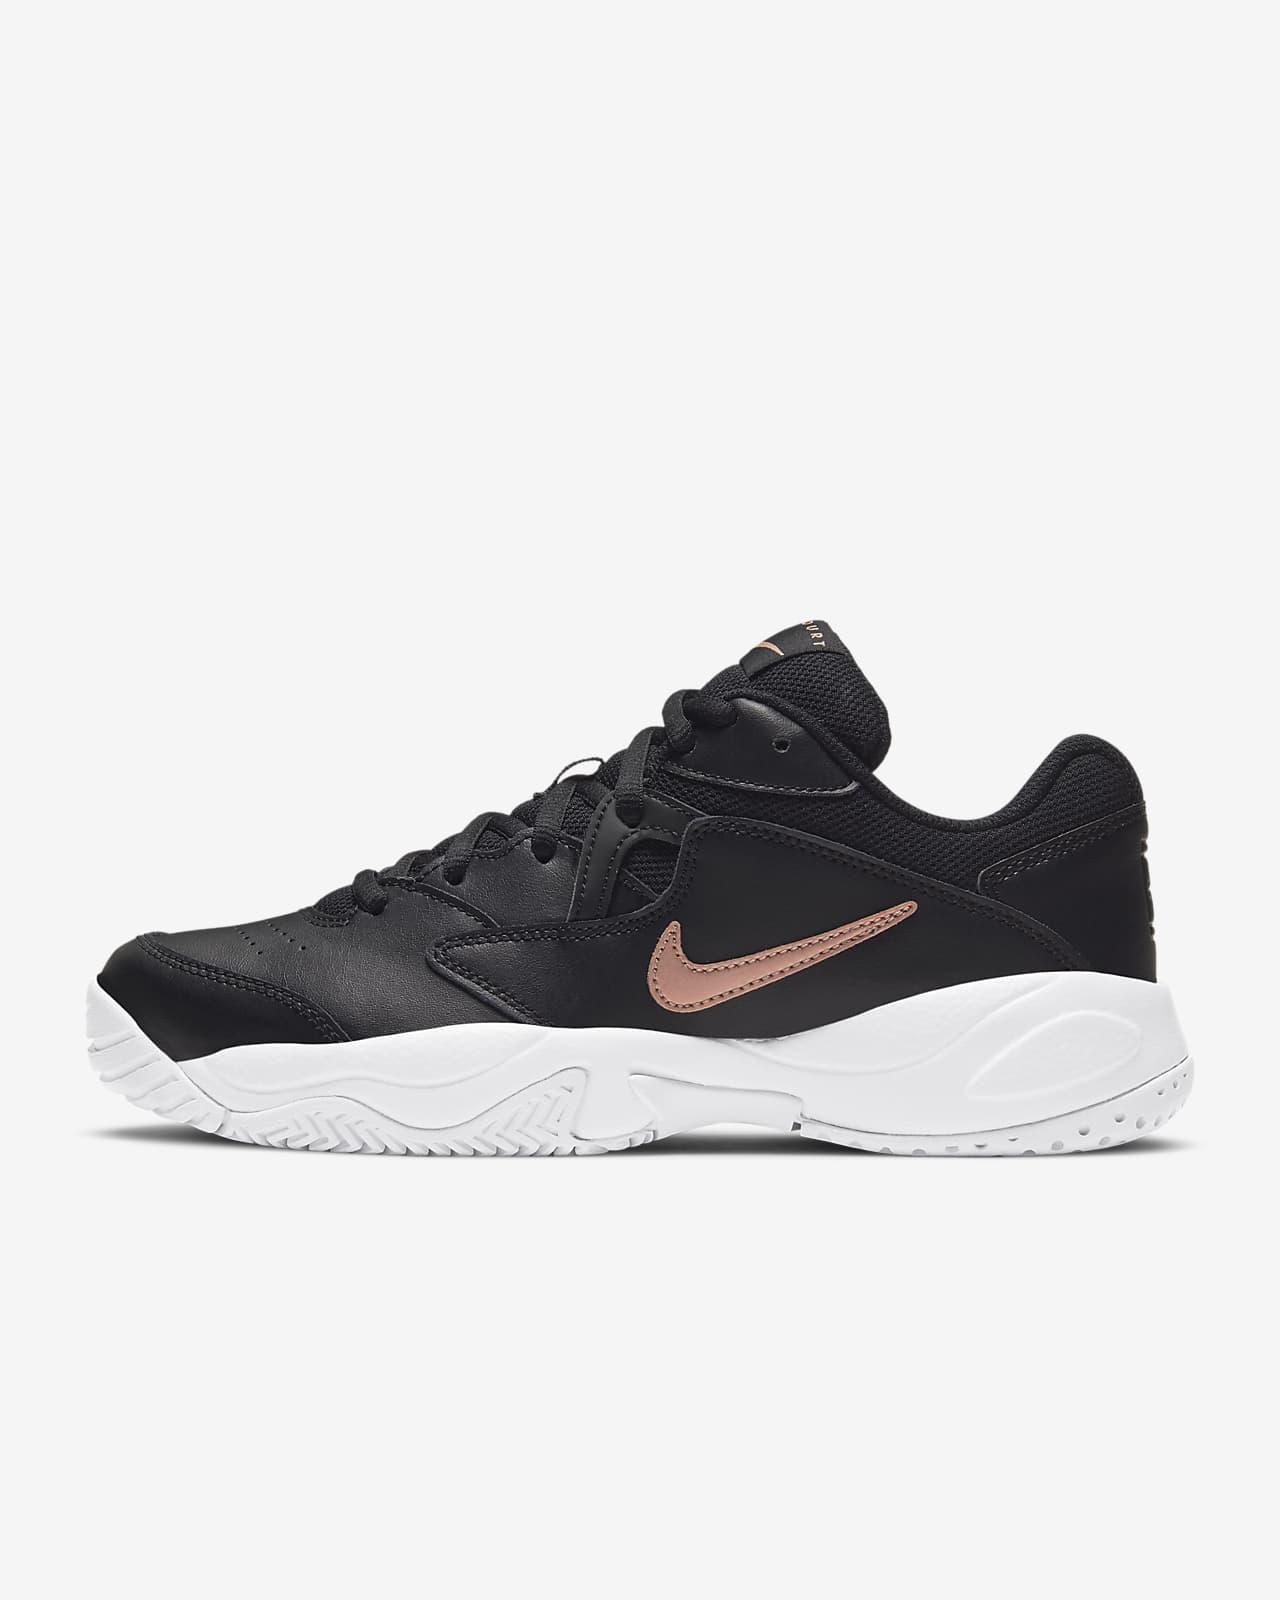 Sapatilhas de ténis para piso duro NikeCourt Lite 2 para mulher